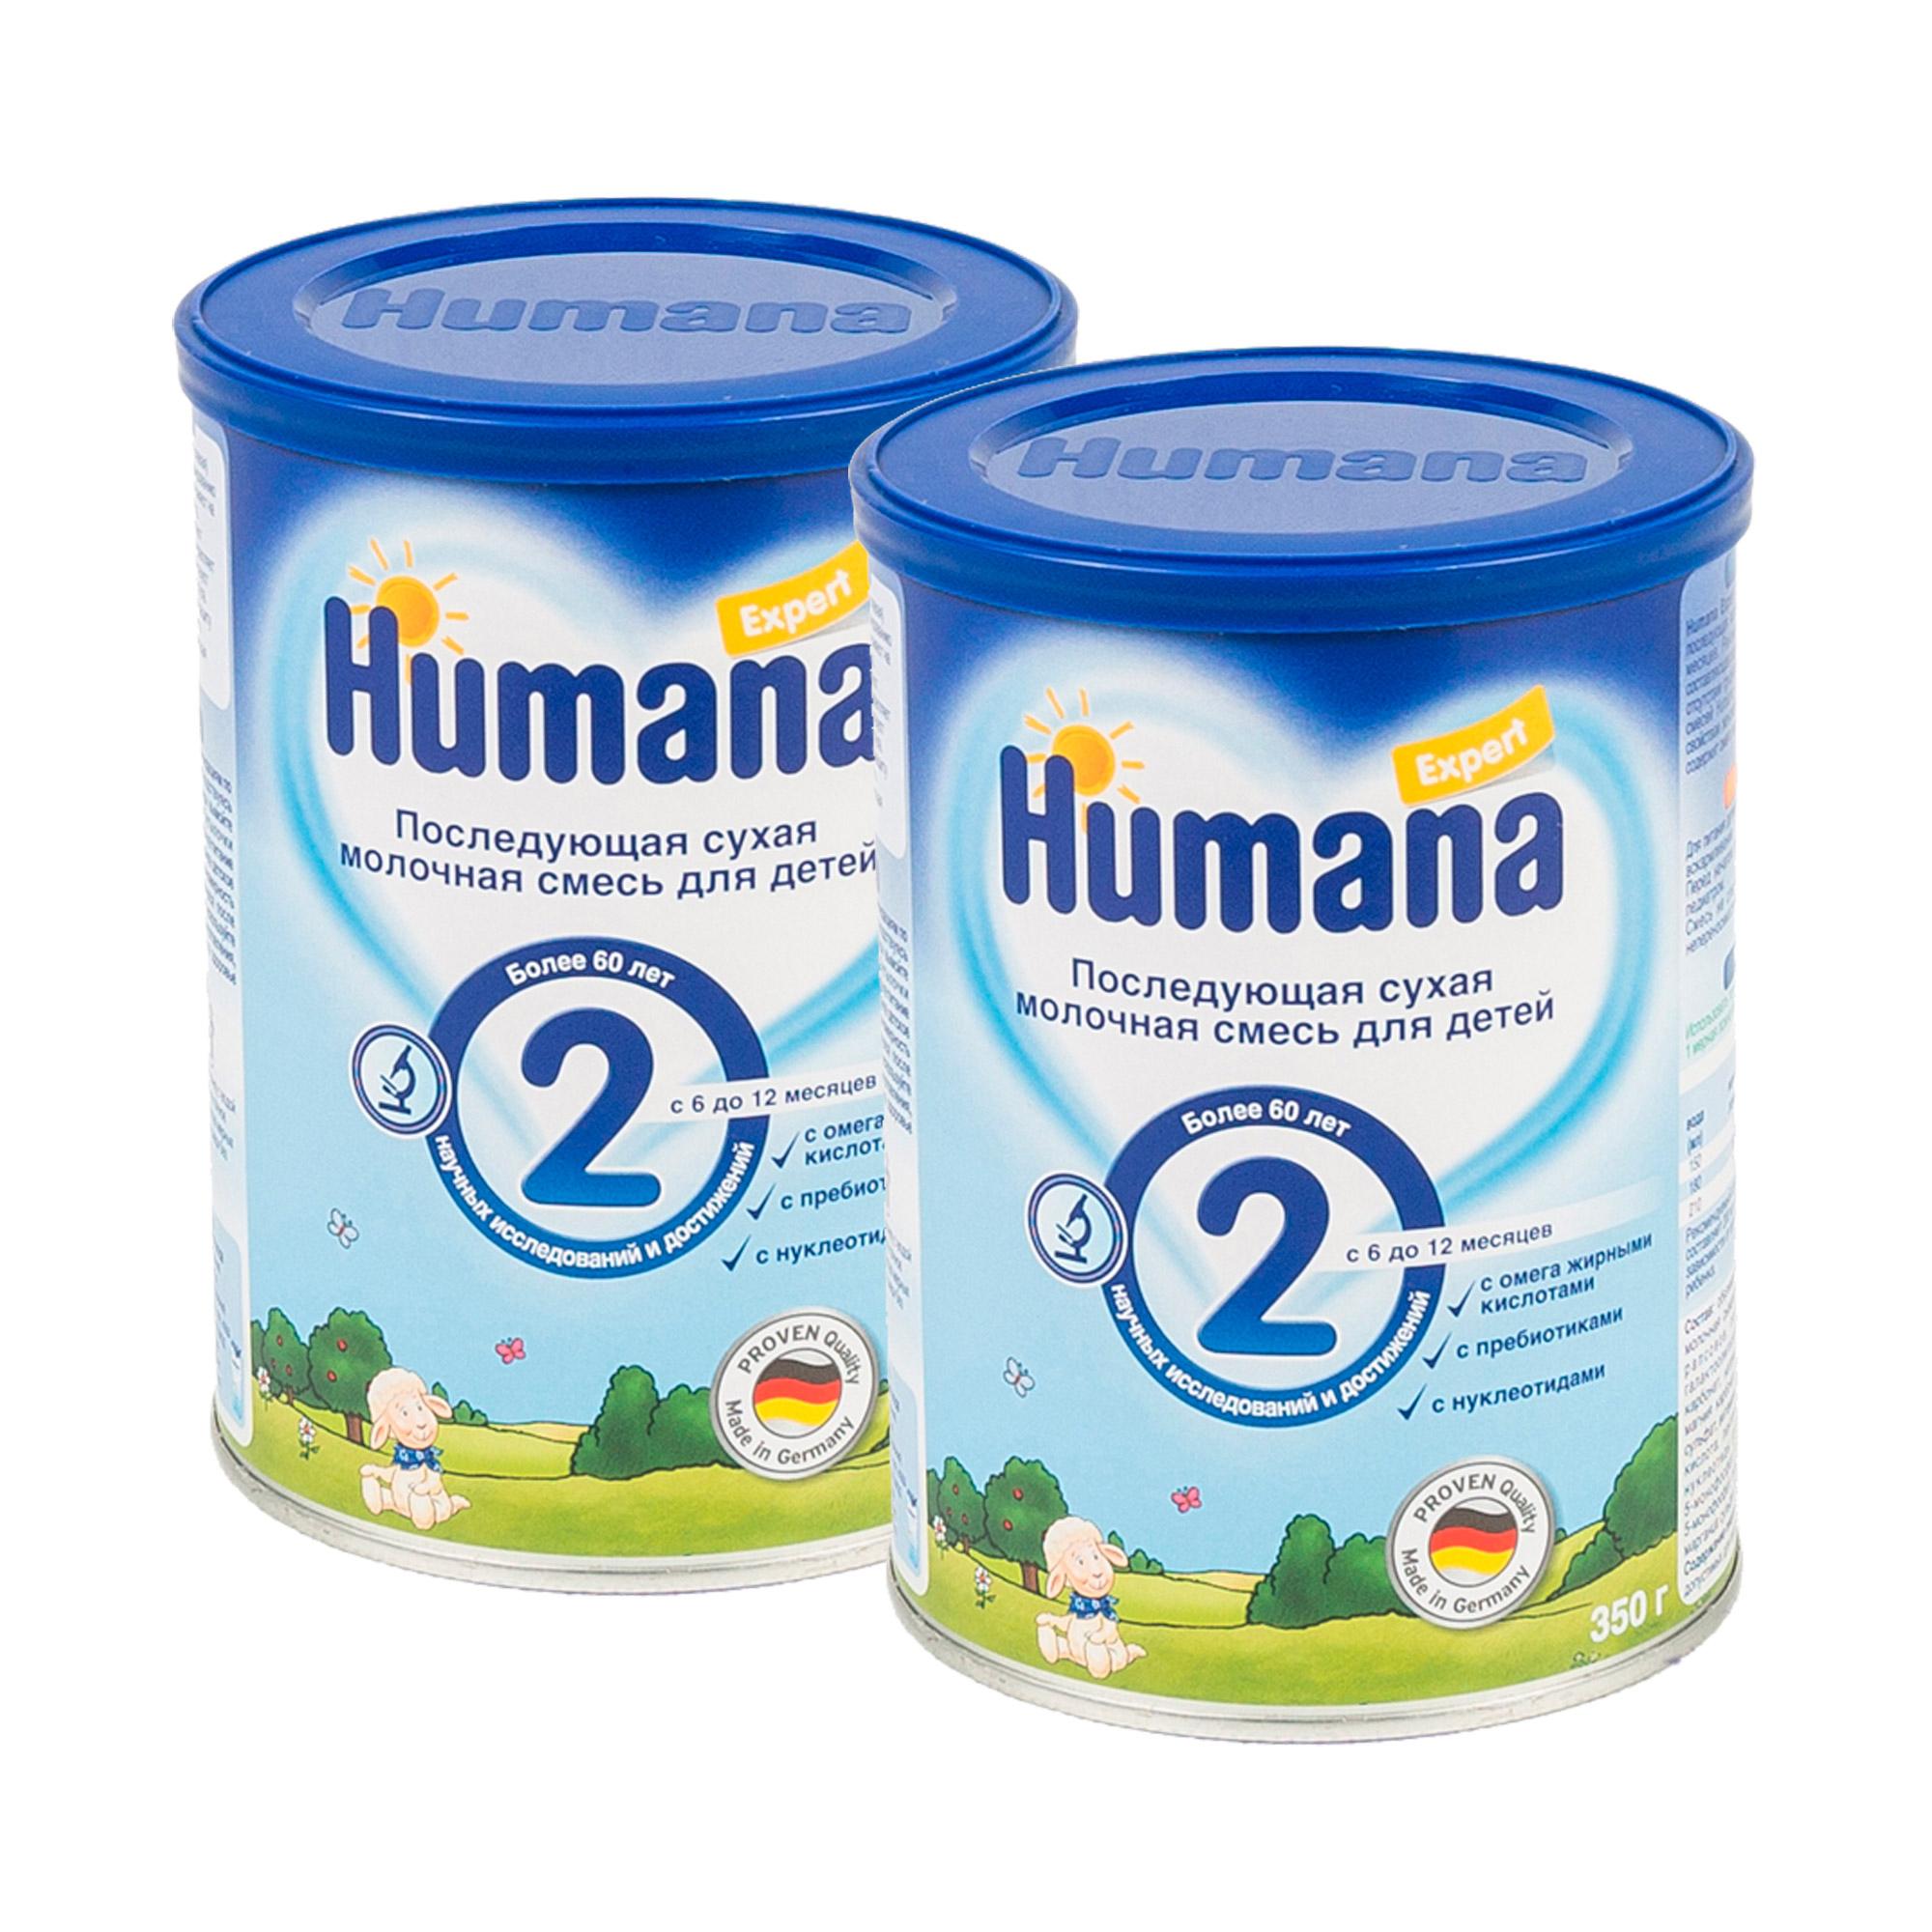 ����� ���������� Humana Expert 350 �� * 2 �� �2 (� 6 ���)